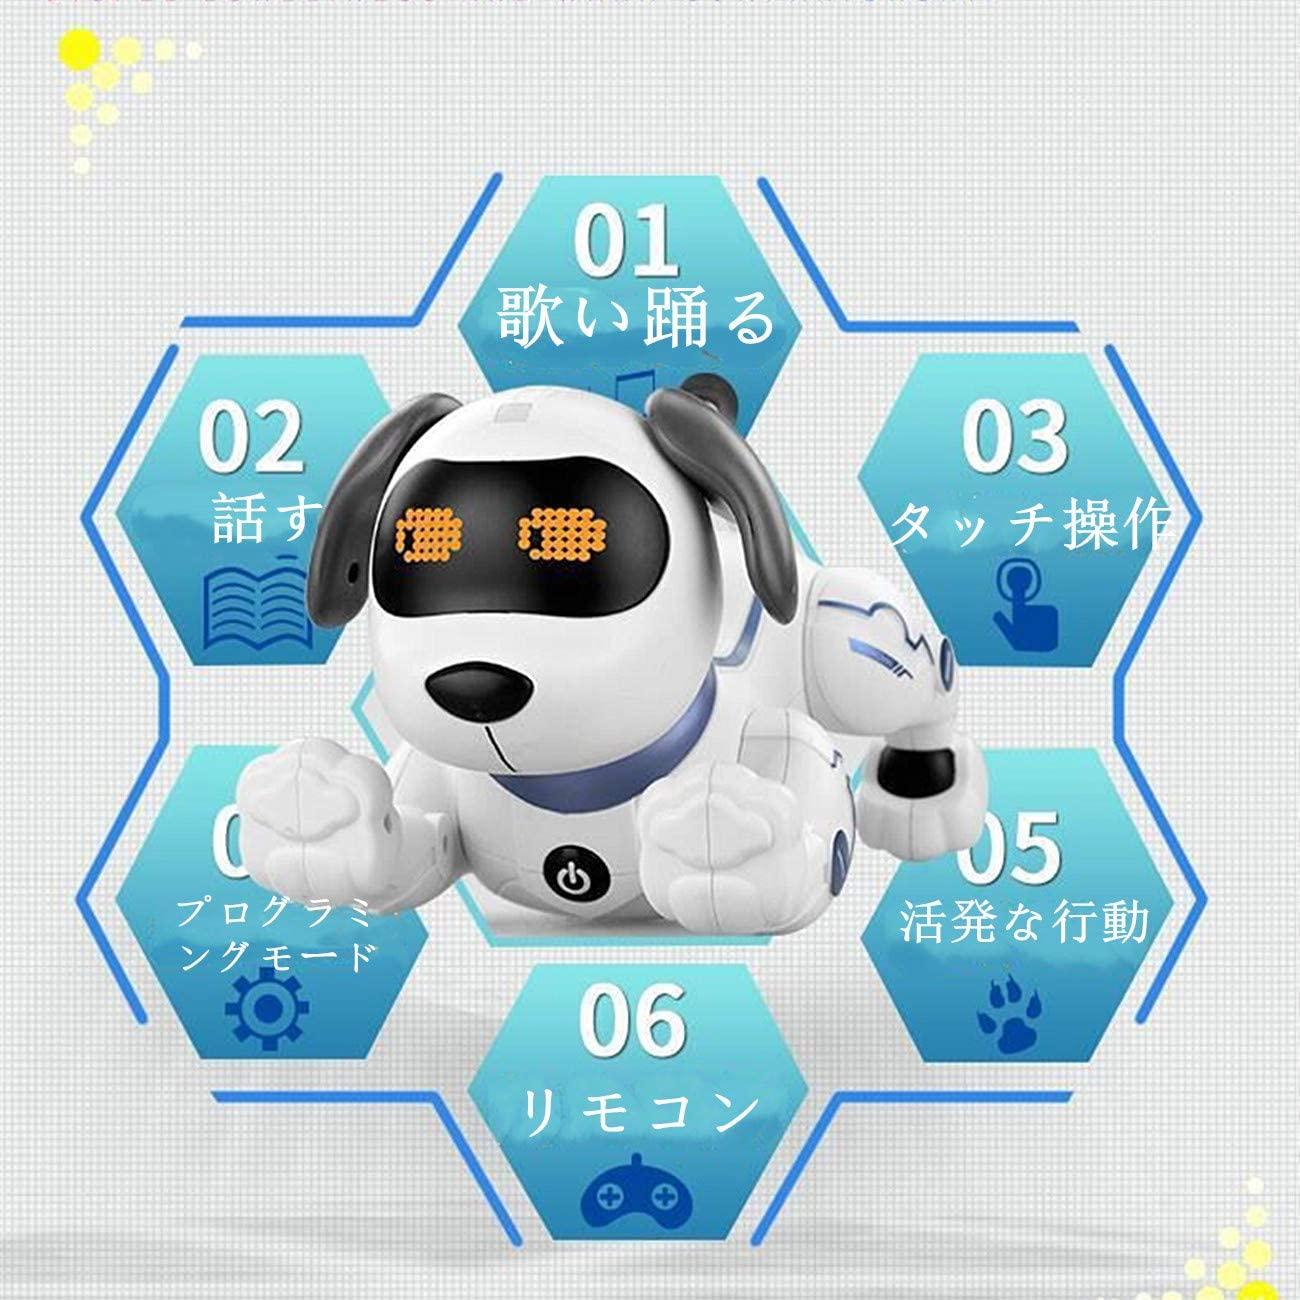 犬型ロボット、簡易プログラミング可能。 「プログラミング」ボタンを押して、自由に各機能を順番にセットできます。お子様の創造性と運動能力を刺激します。